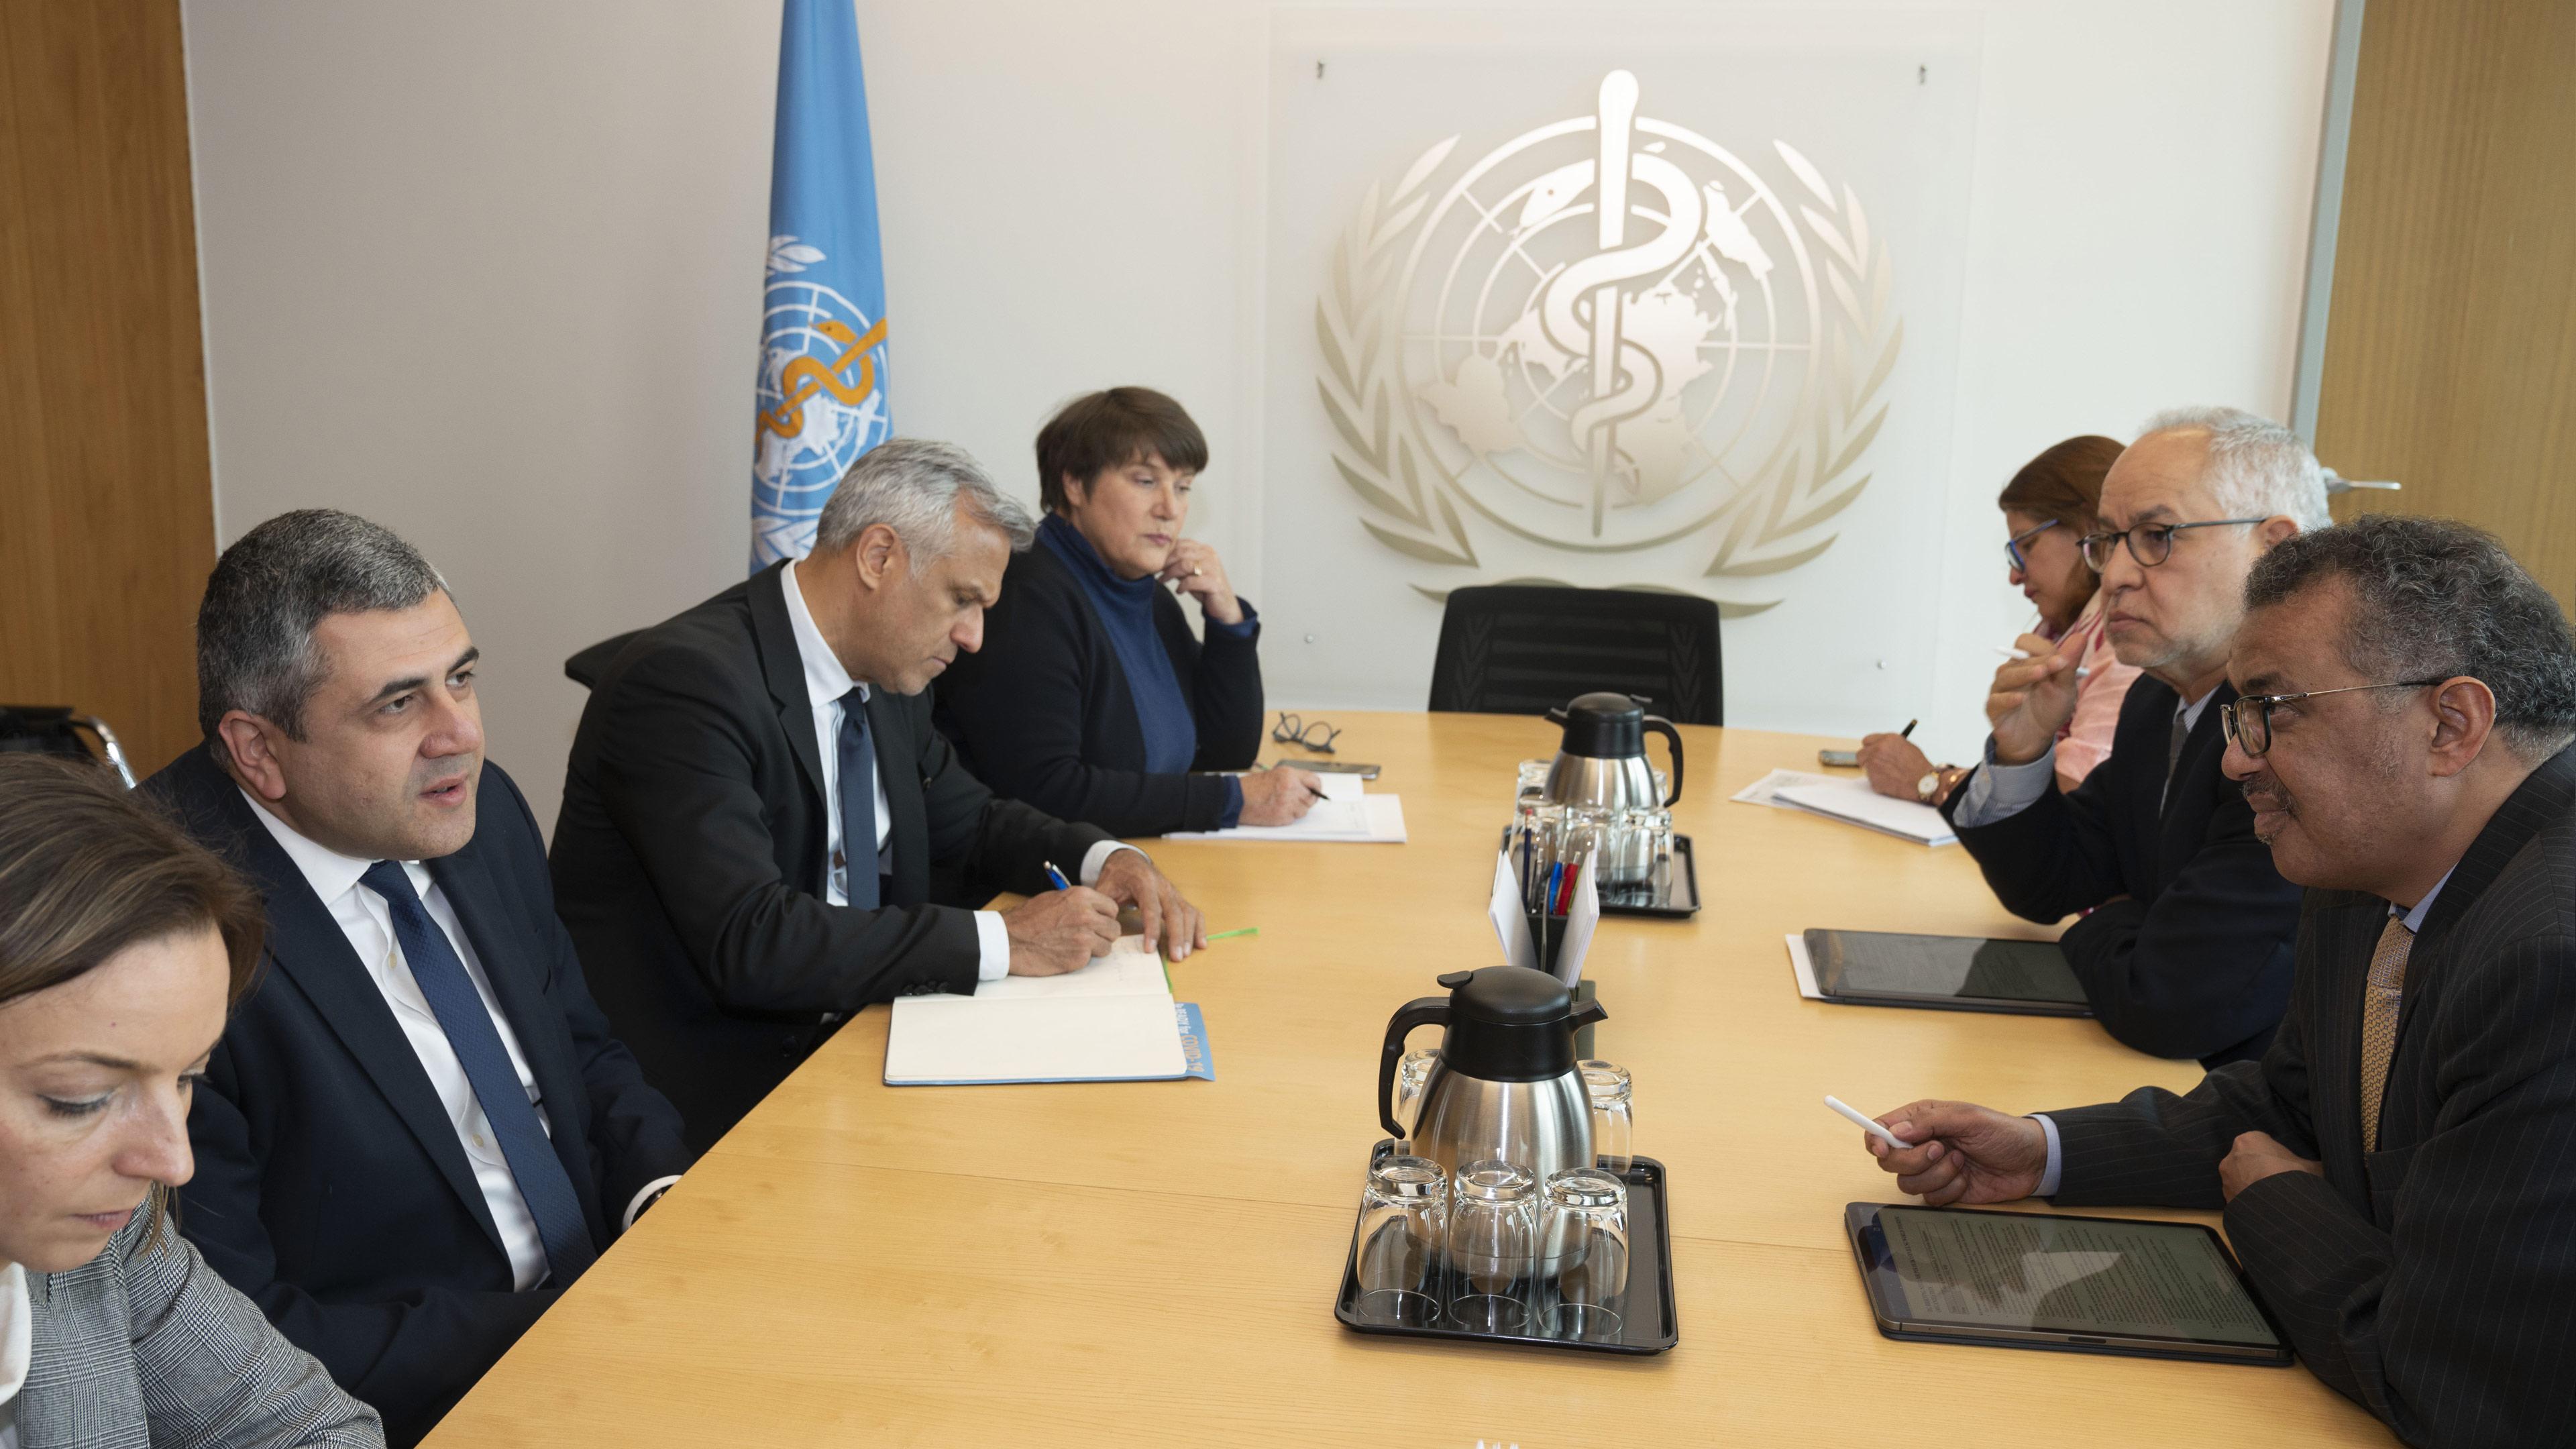 L'OMT et l'OMS conviennent de renforcer la coopération pour faire face à la COVID-19